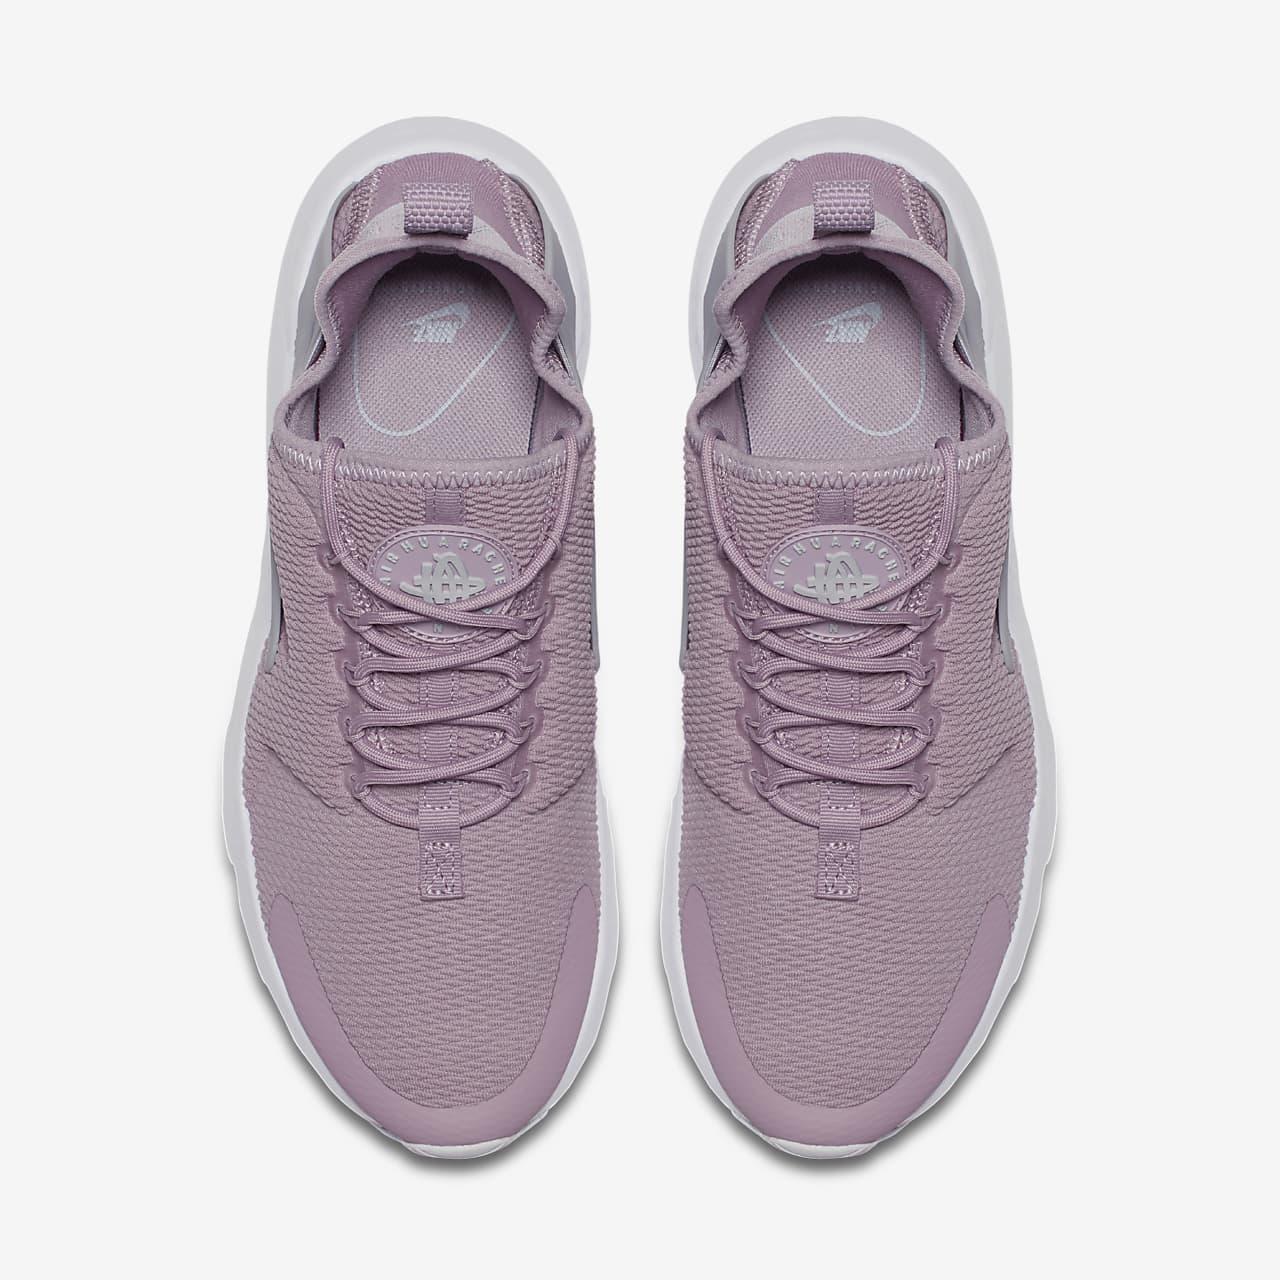 huarache nike purpura